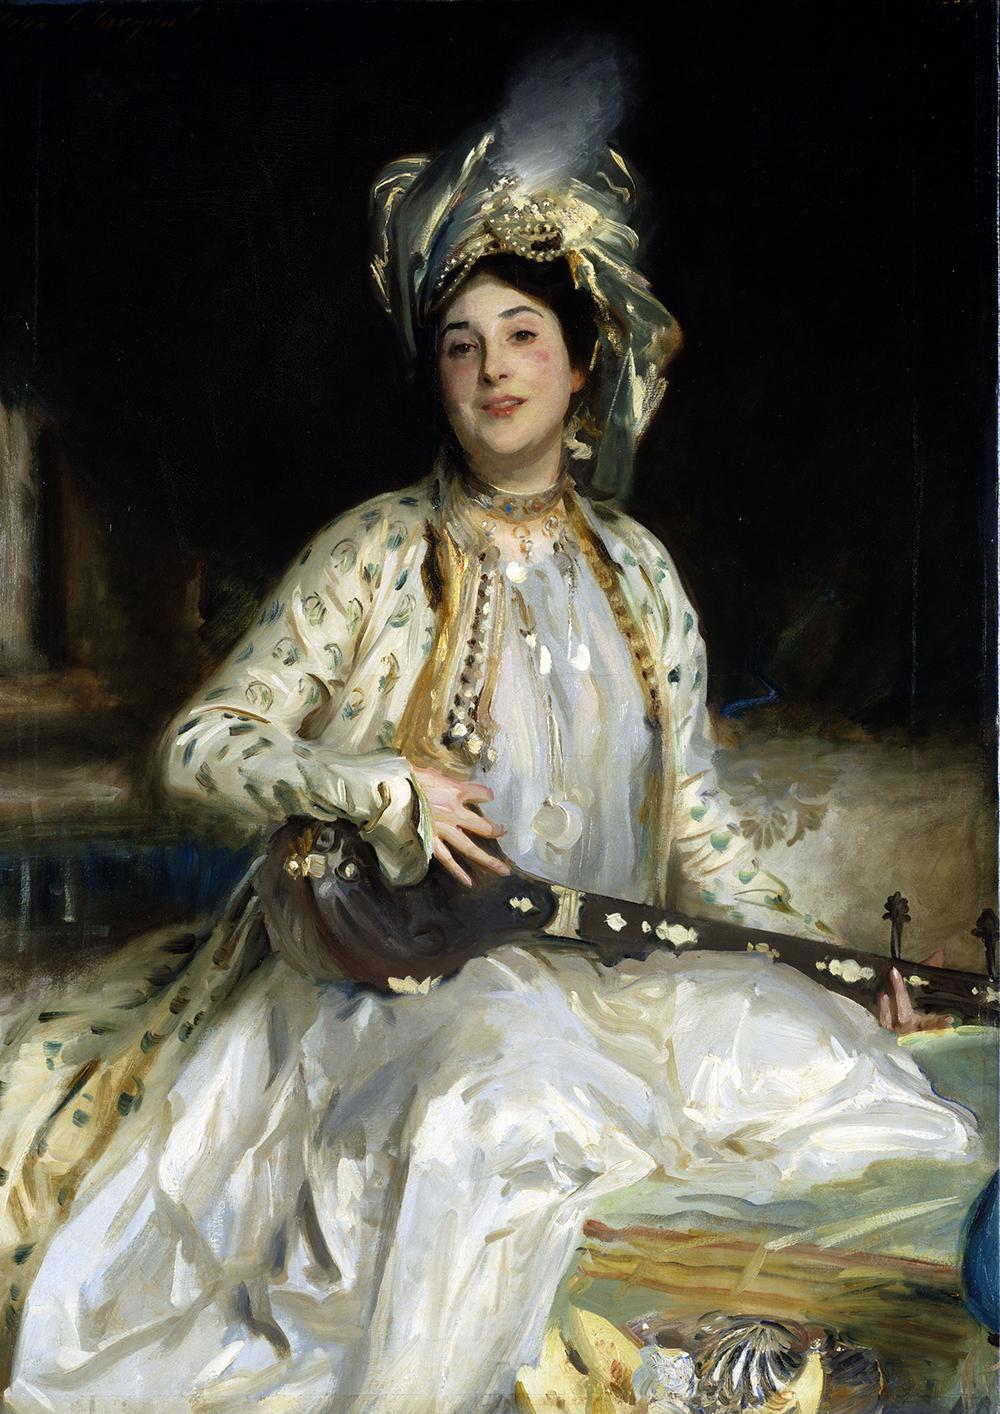 Almina, Daughter of Asher Wertheimer, by John Singer Sargent, 1908. Tate, London.